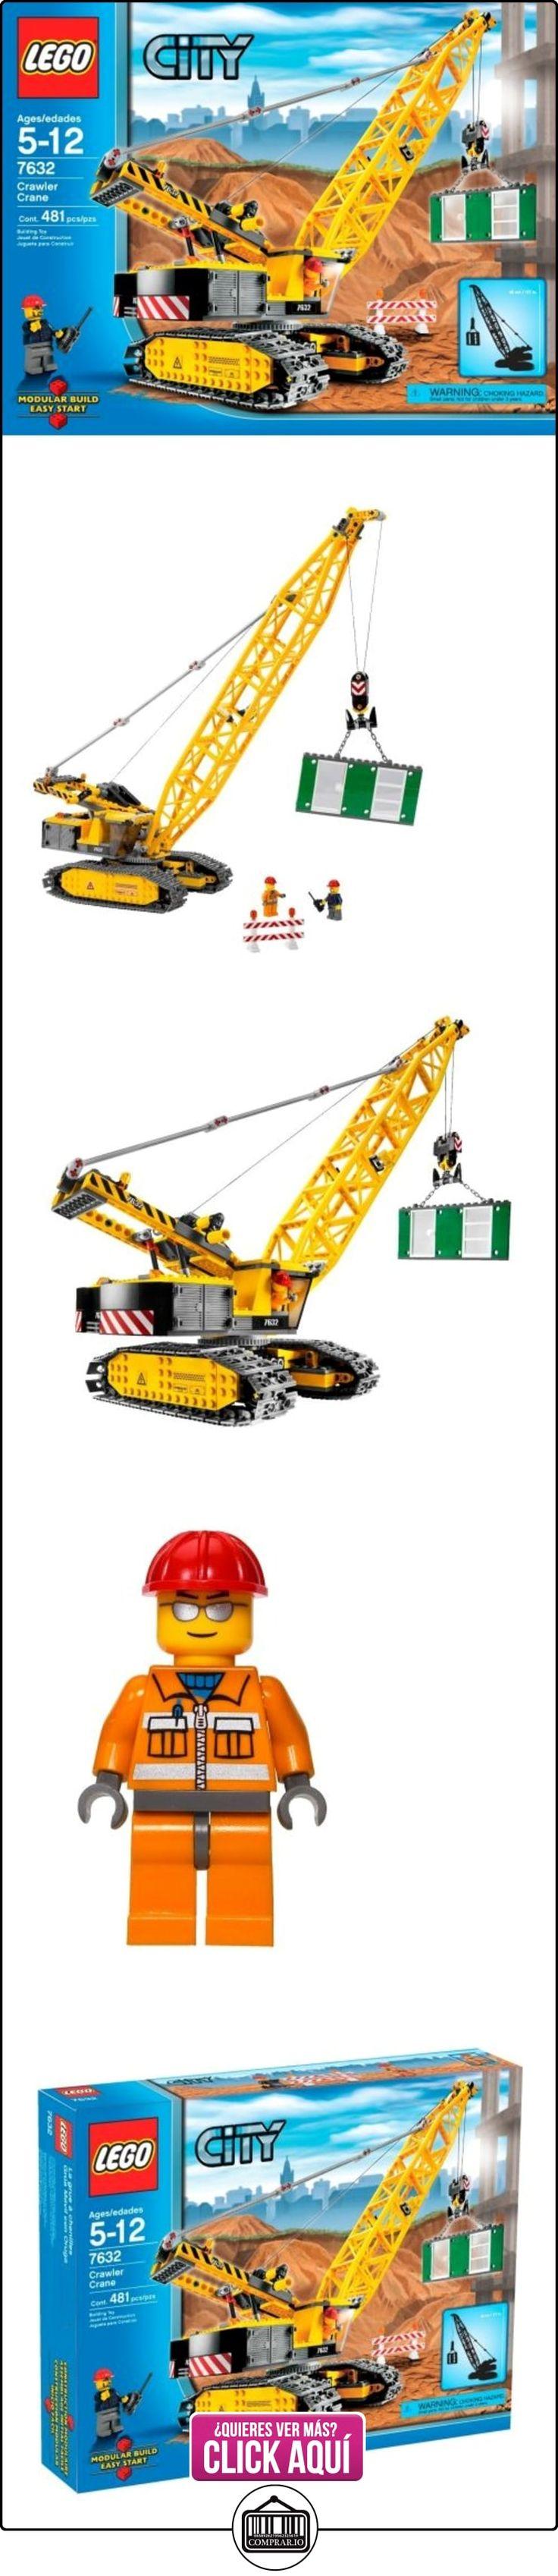 LEGO LEGO City construction crawler crane 7632 [parallel import goods] (japan import)  ✿ Lego - el surtido más amplio ✿ ▬► Ver oferta: http://comprar.io/goto/B001GN6XH4